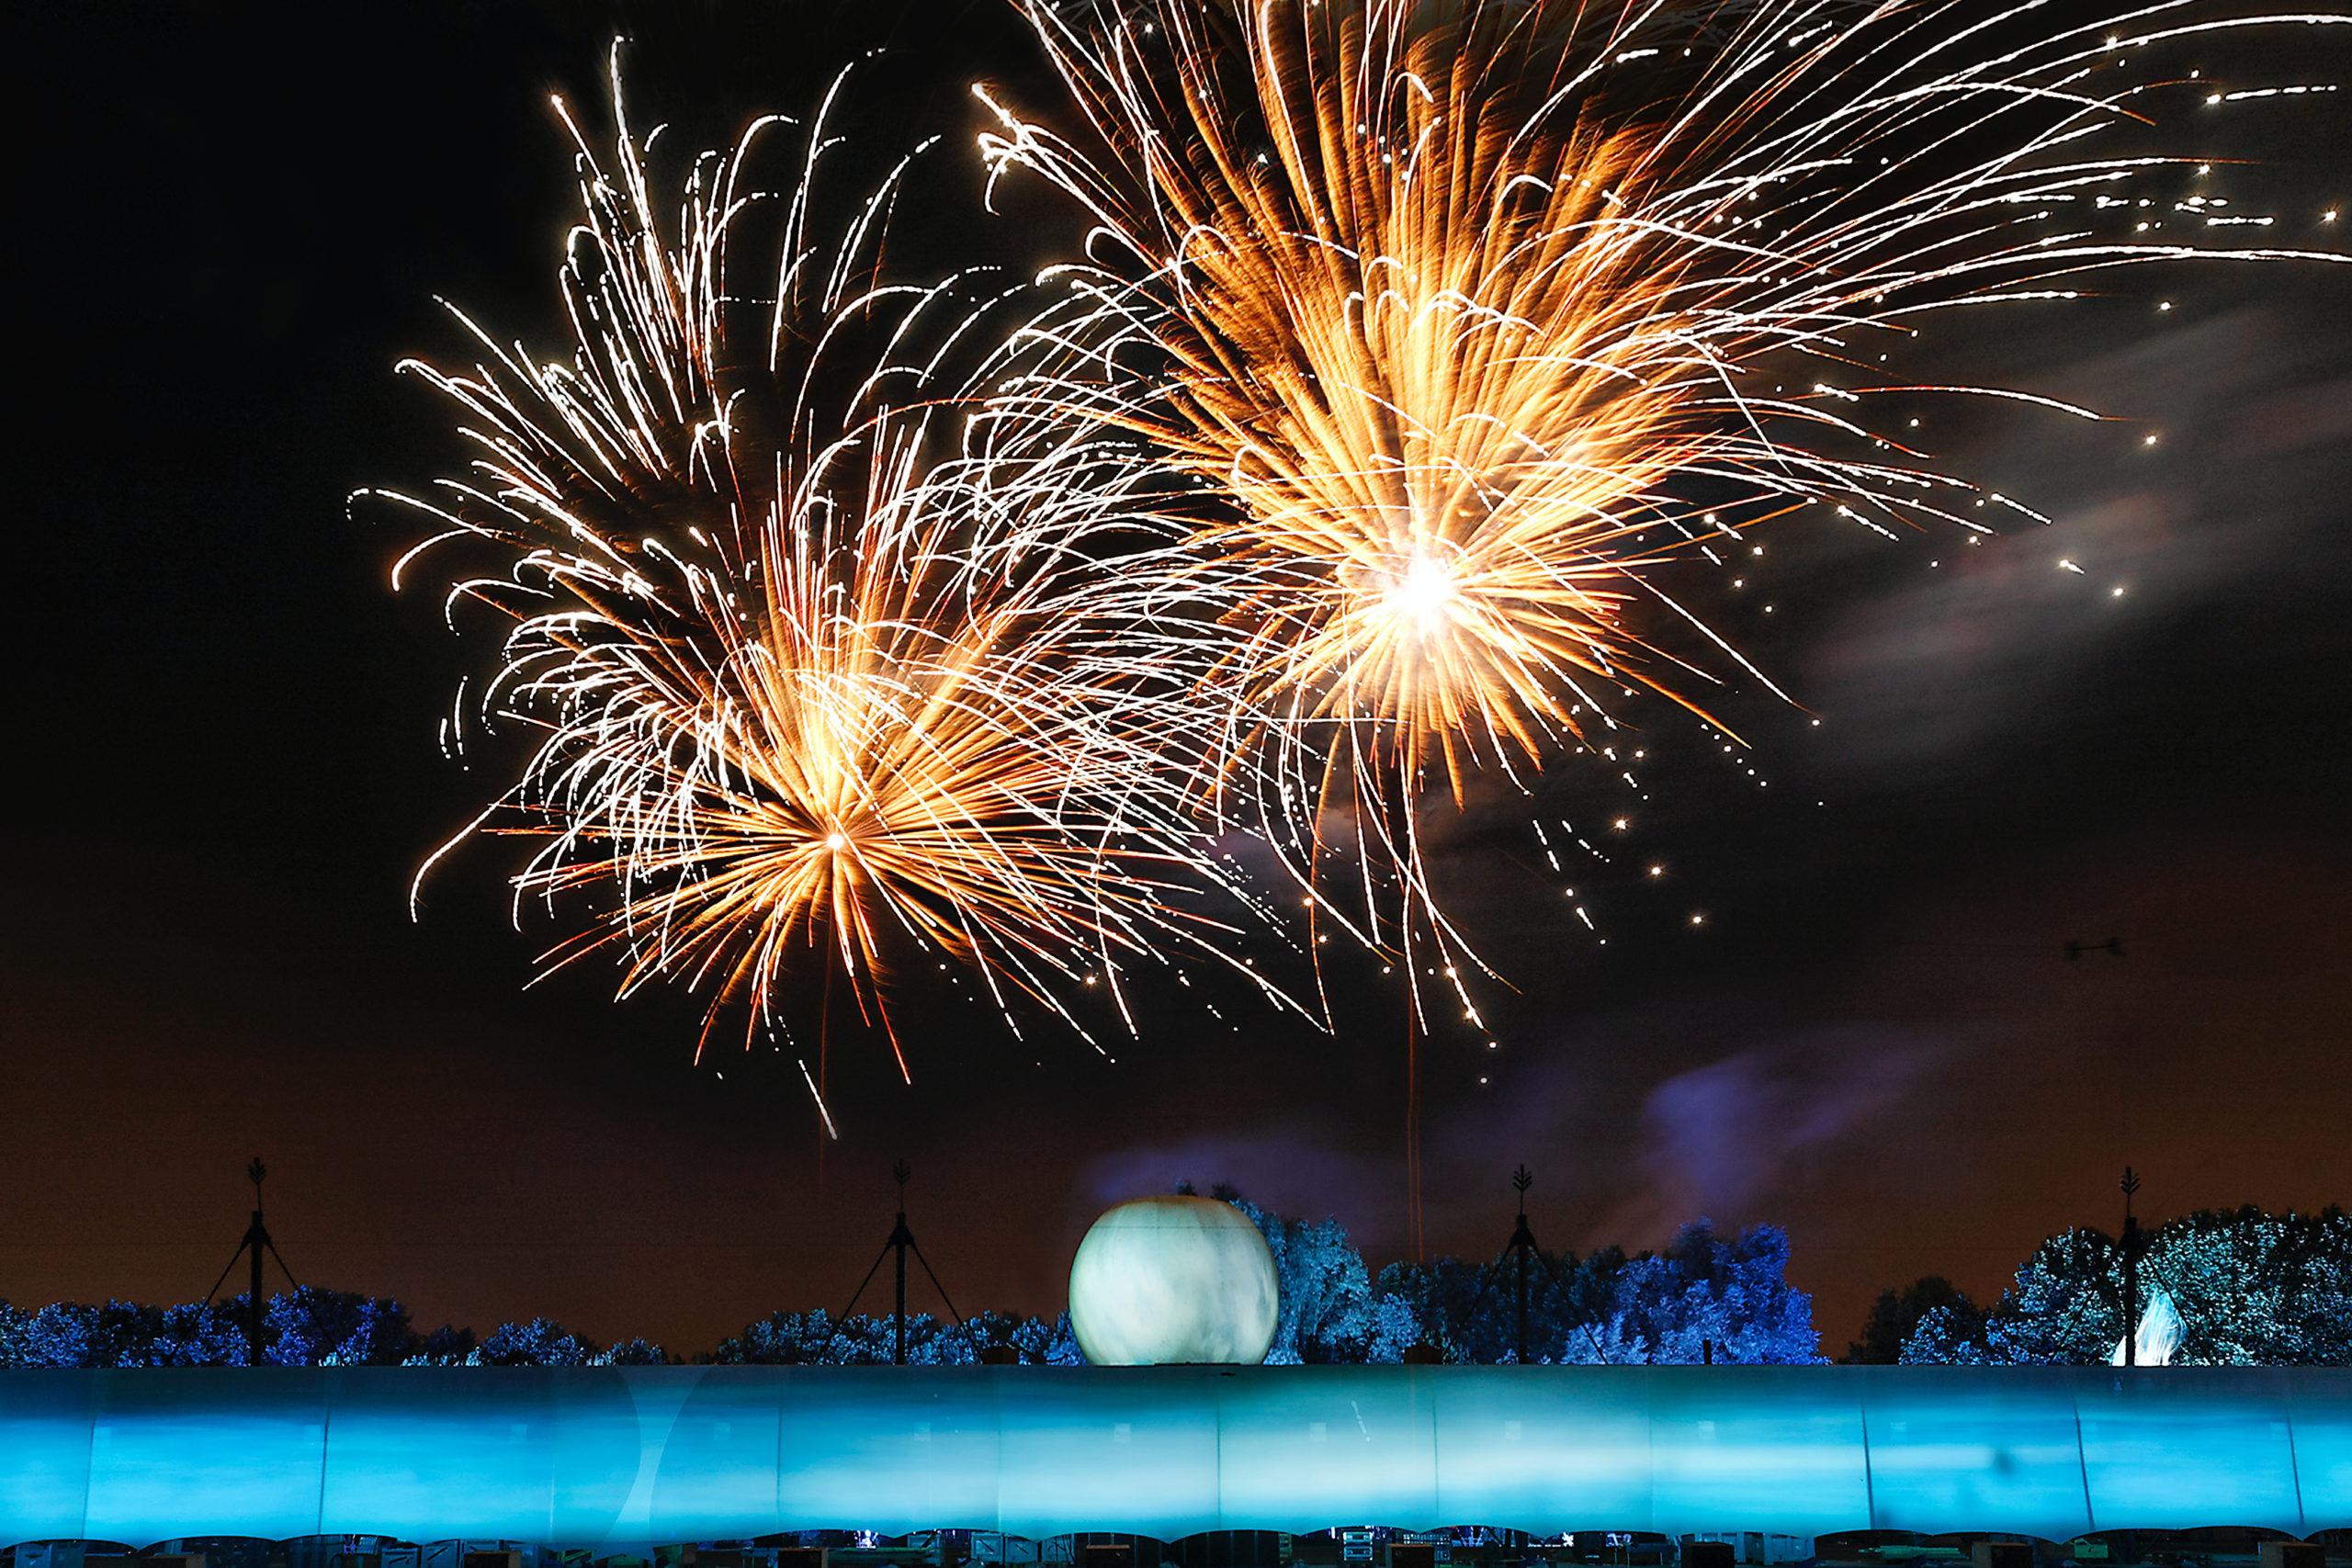 Opening 30ste zomereditie Cultura Nova + Opening Expojaar IBA Parkstad met spektakelvoorstelling van Frans vuurwerkgezelschap Groupe F